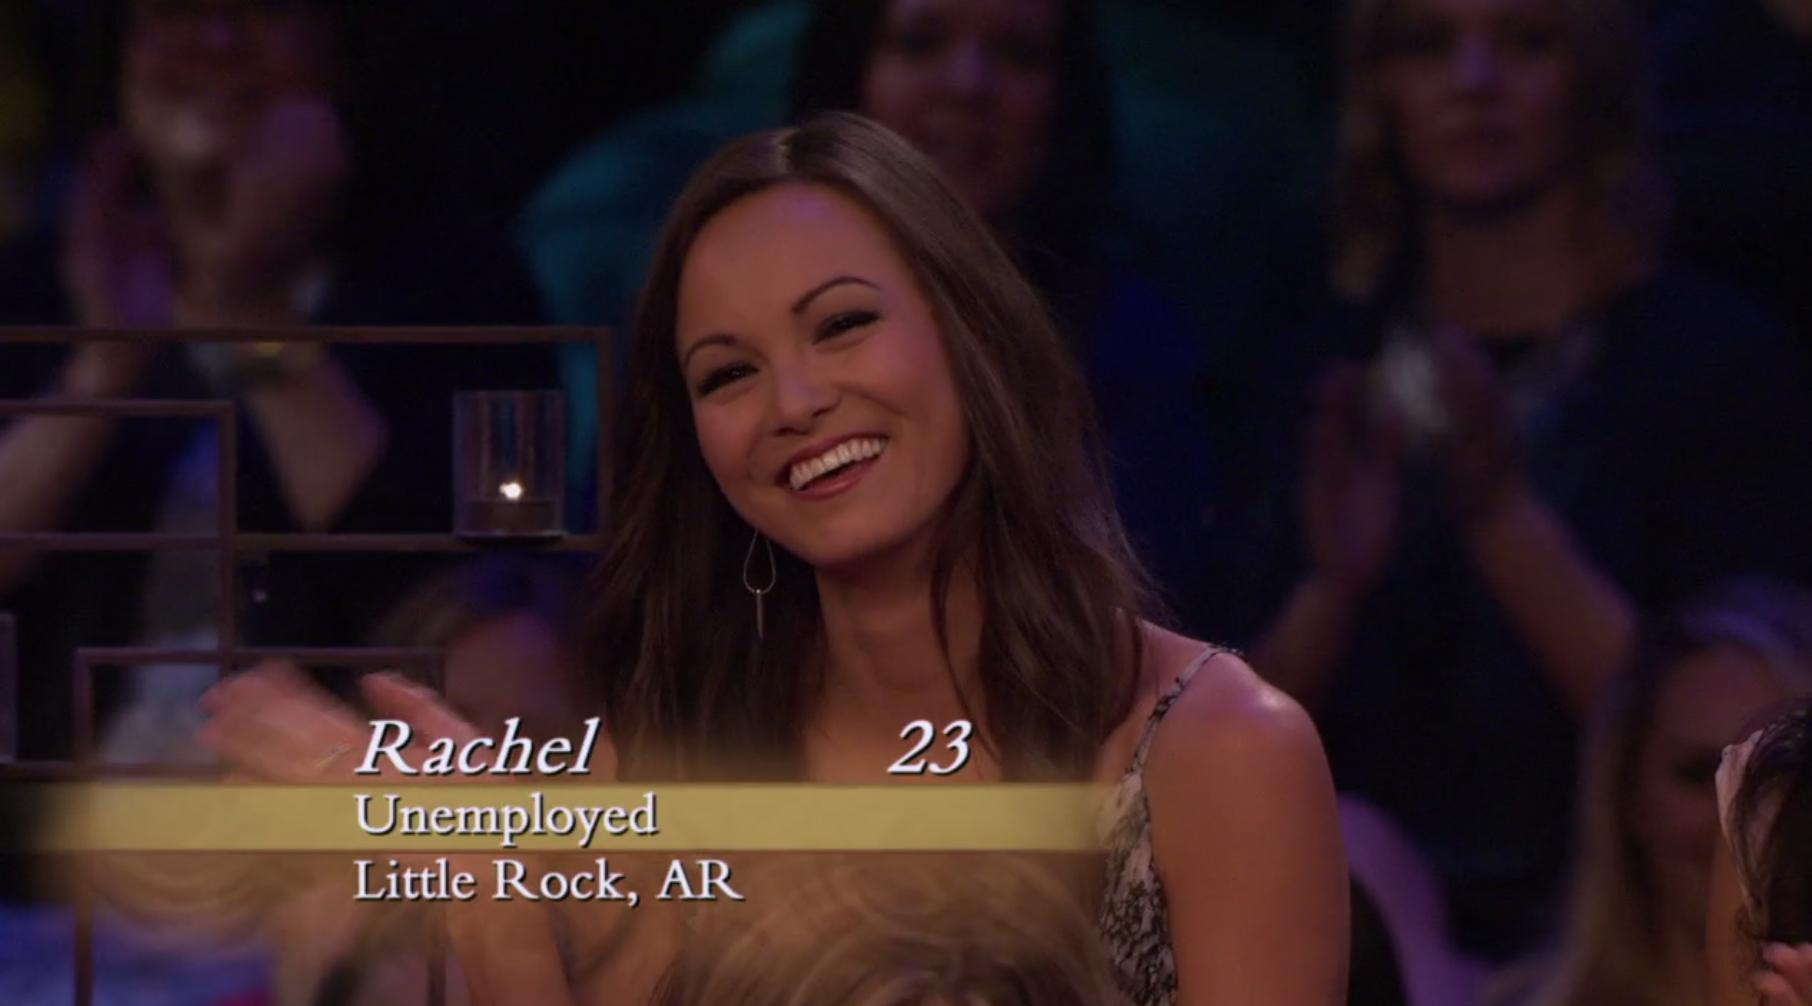 ABC's The Bachelor